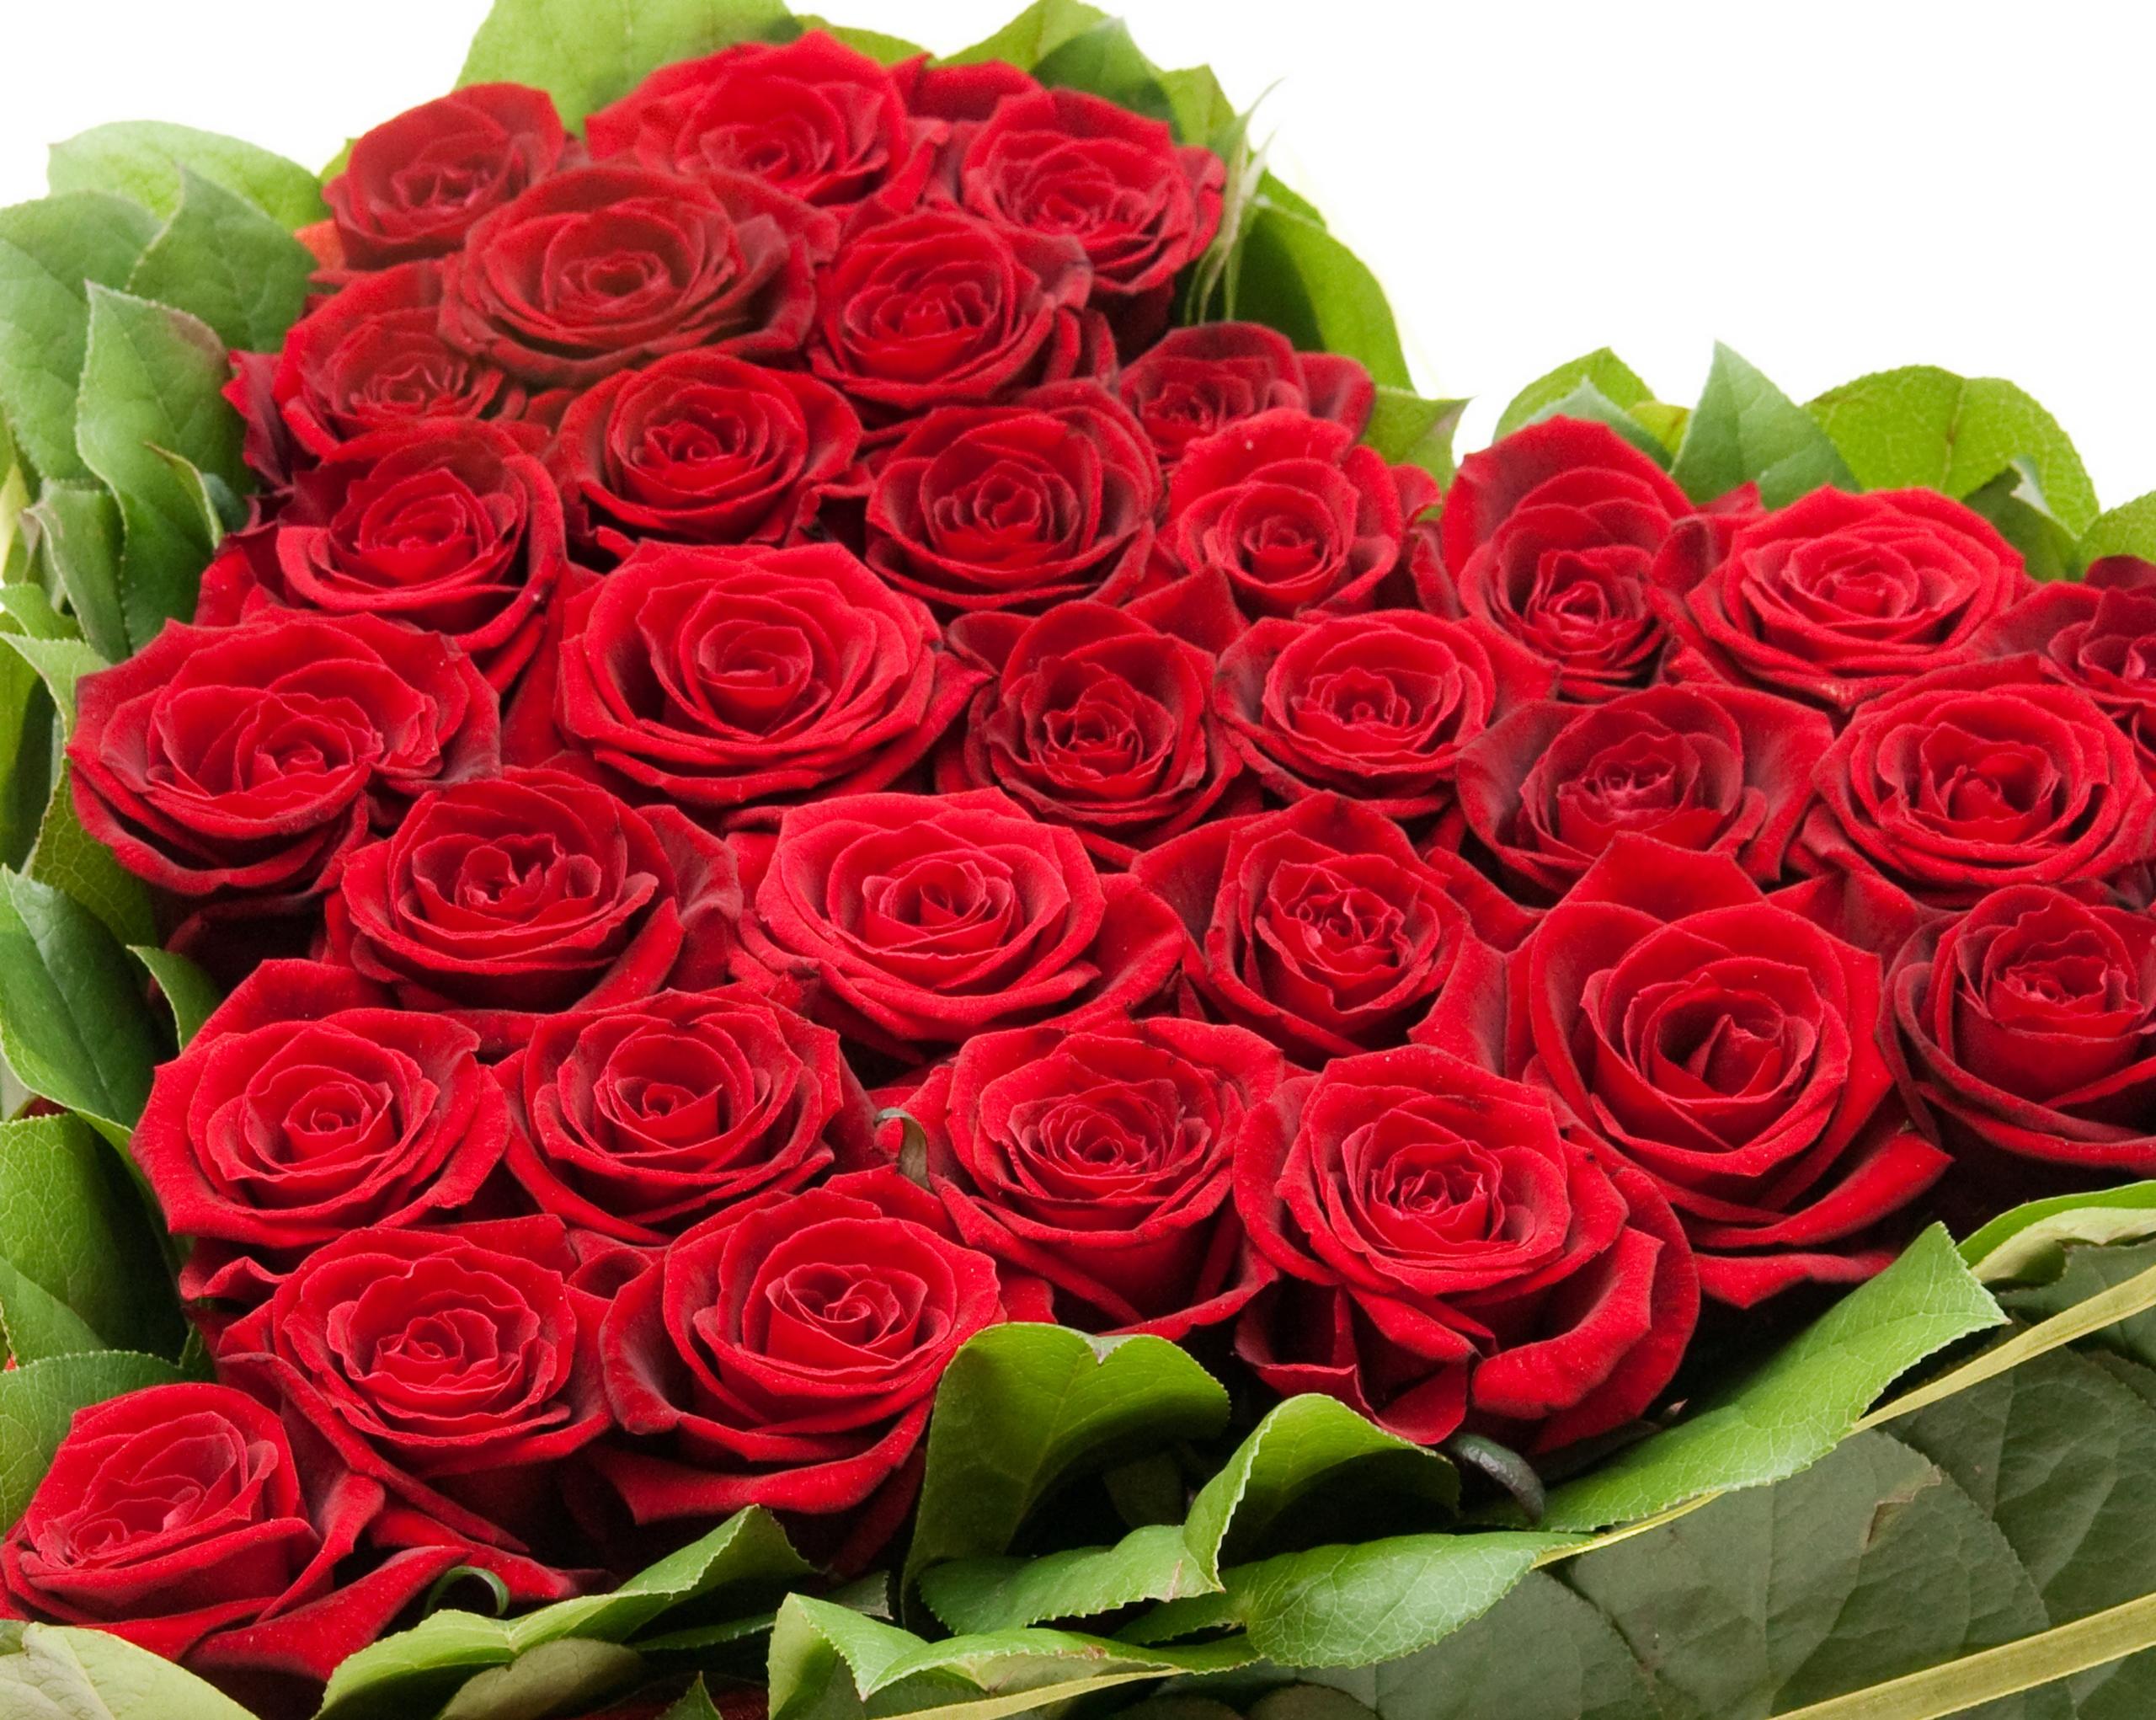 Картинки с розами с днем рождения мама, опасность